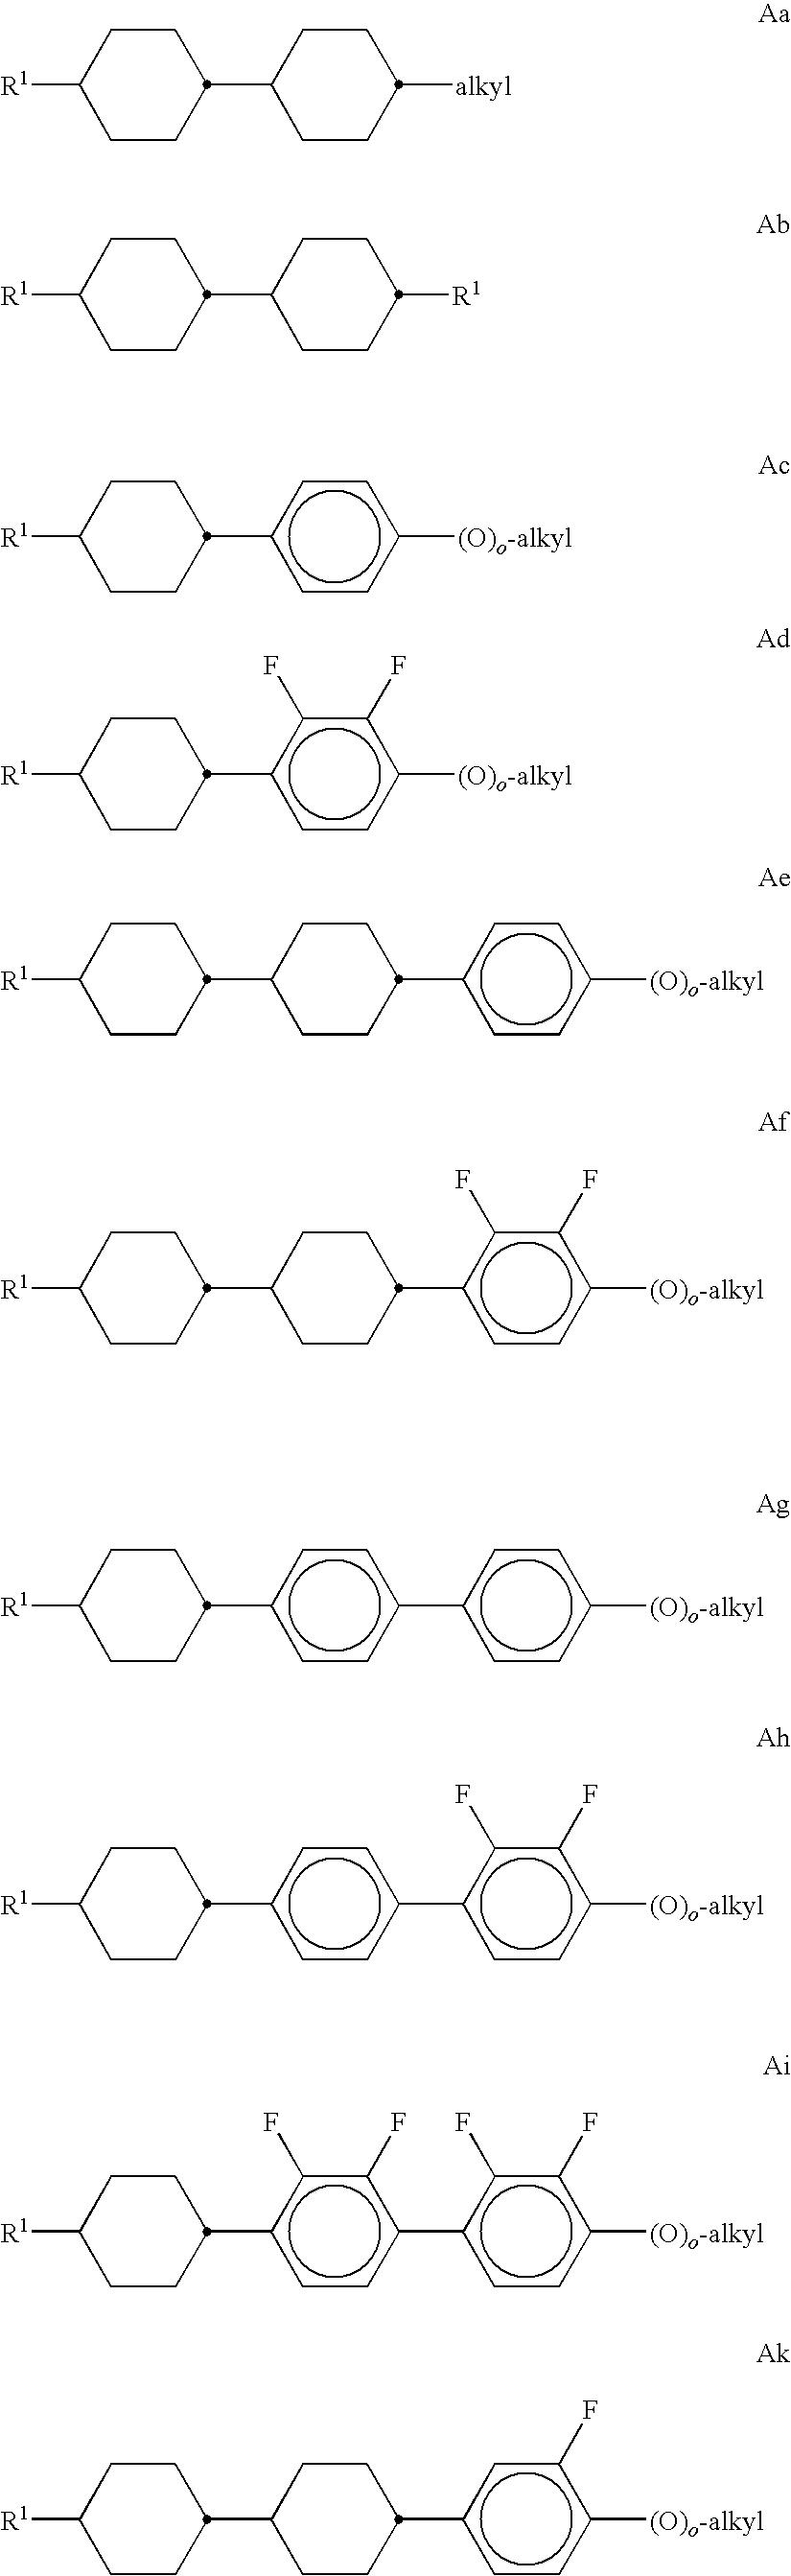 Figure US20100304049A1-20101202-C00183